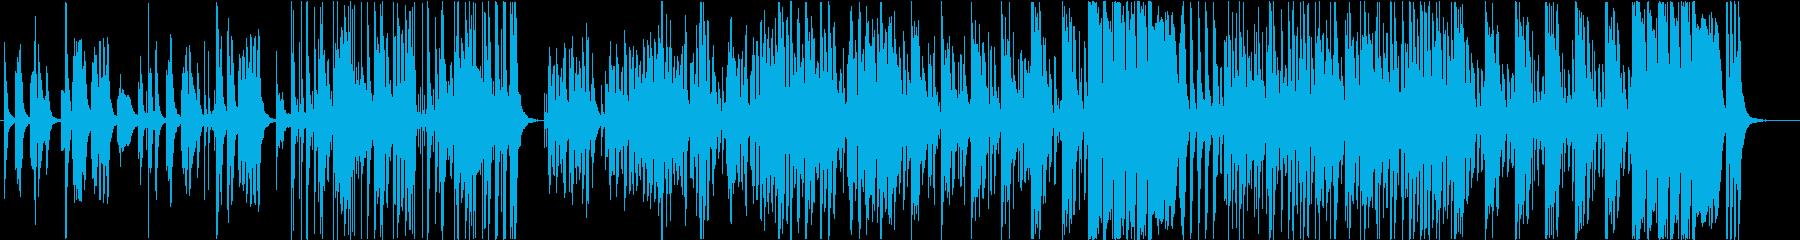 くだけた日常の再生済みの波形